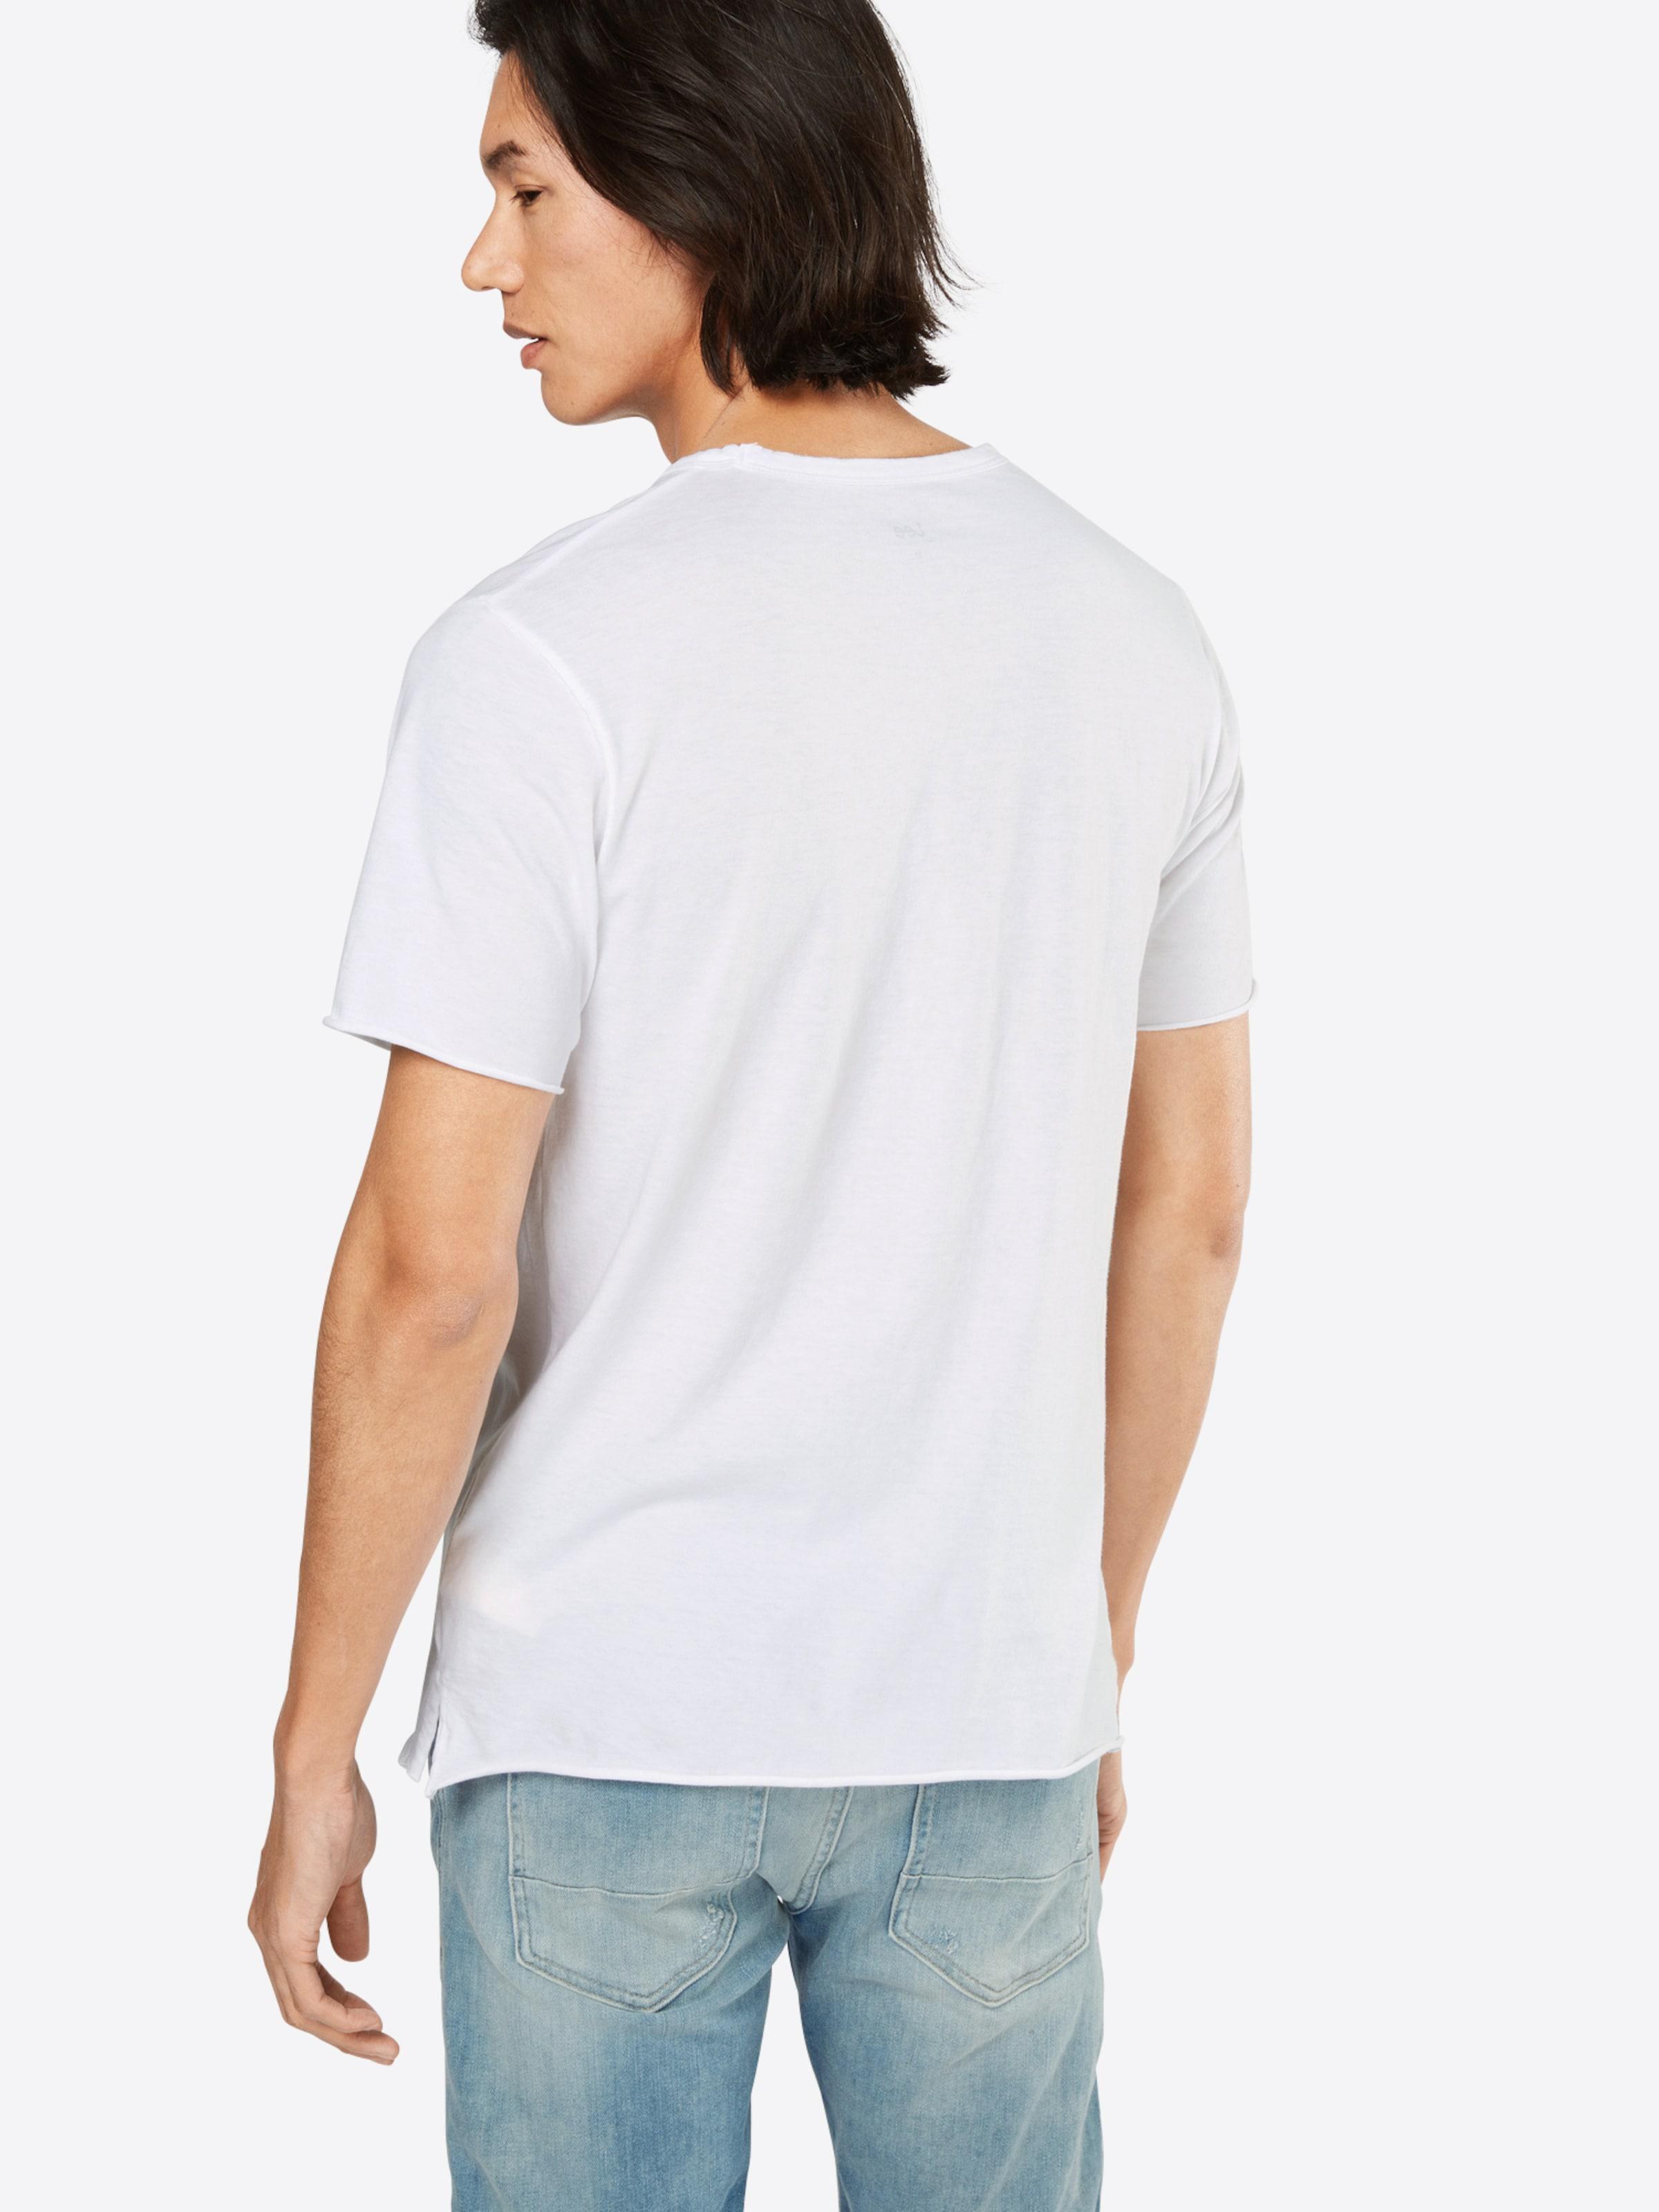 Freies Verschiffen Sast Lee T-Shirt 'RAW EDGE' Billig Verkauf Online-Shopping Billig 100% Authentisch UMgJfHUUOI